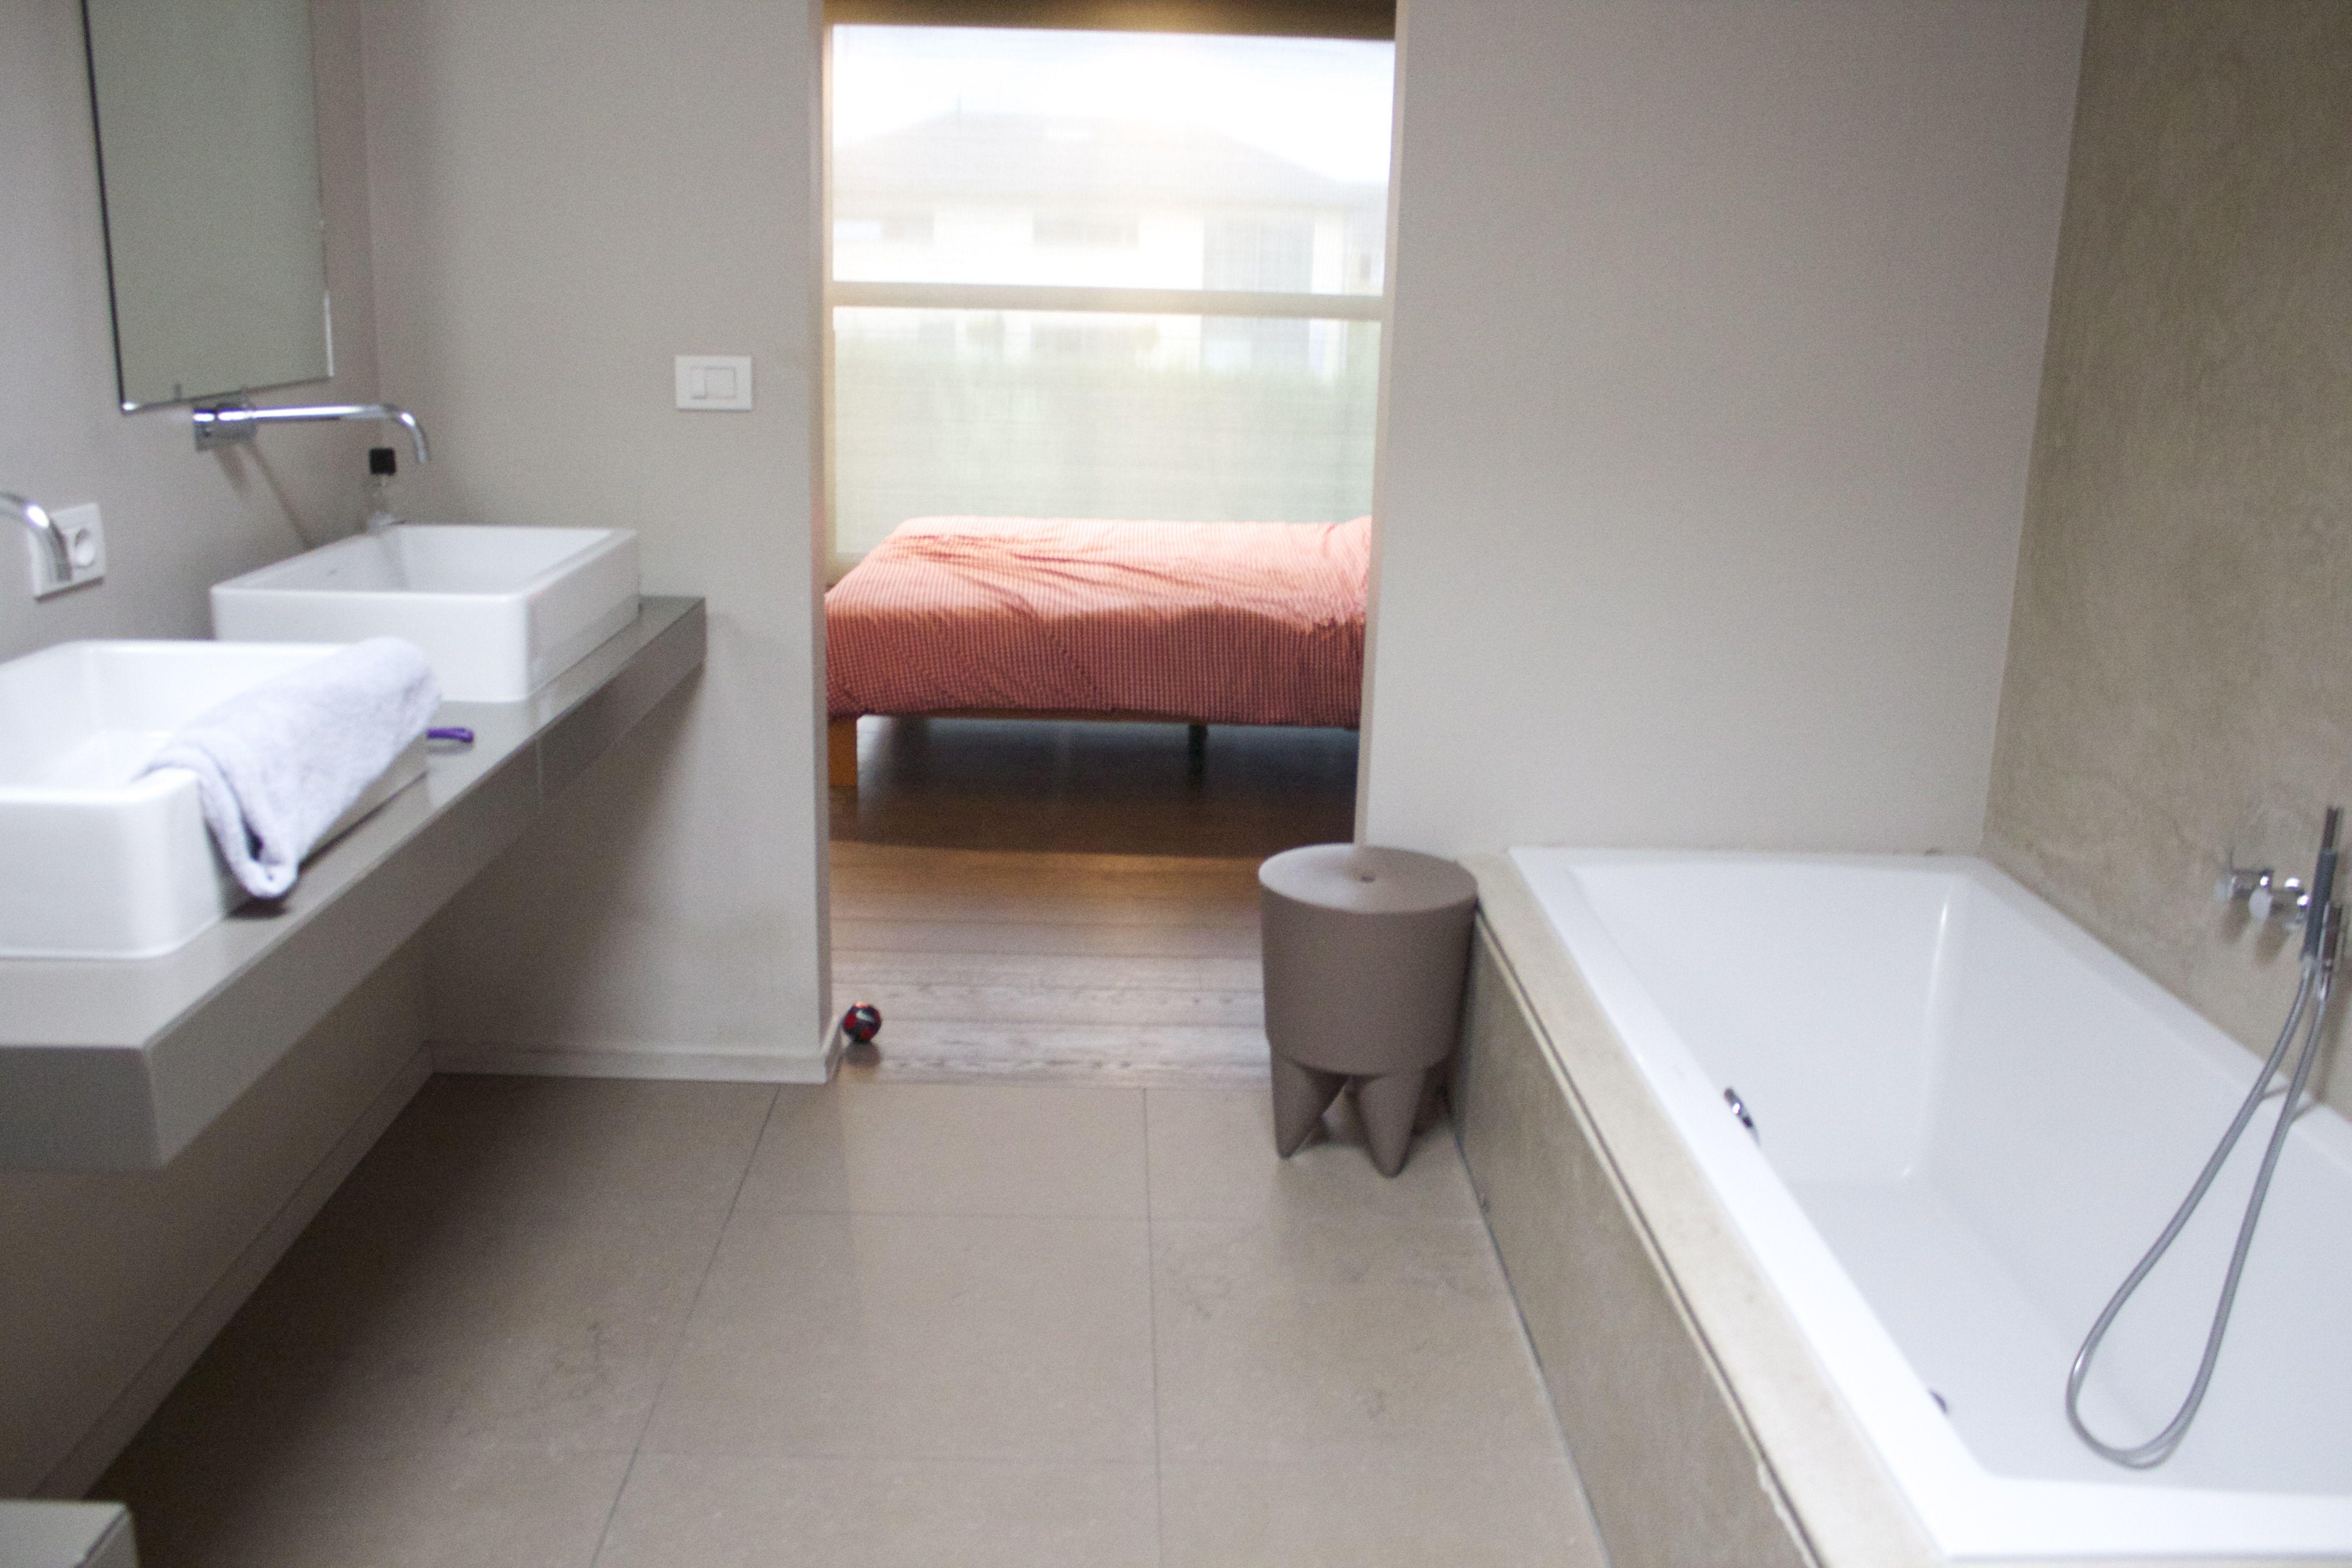 Badkamer met doorgang naar slaapkamer extra egide meertens